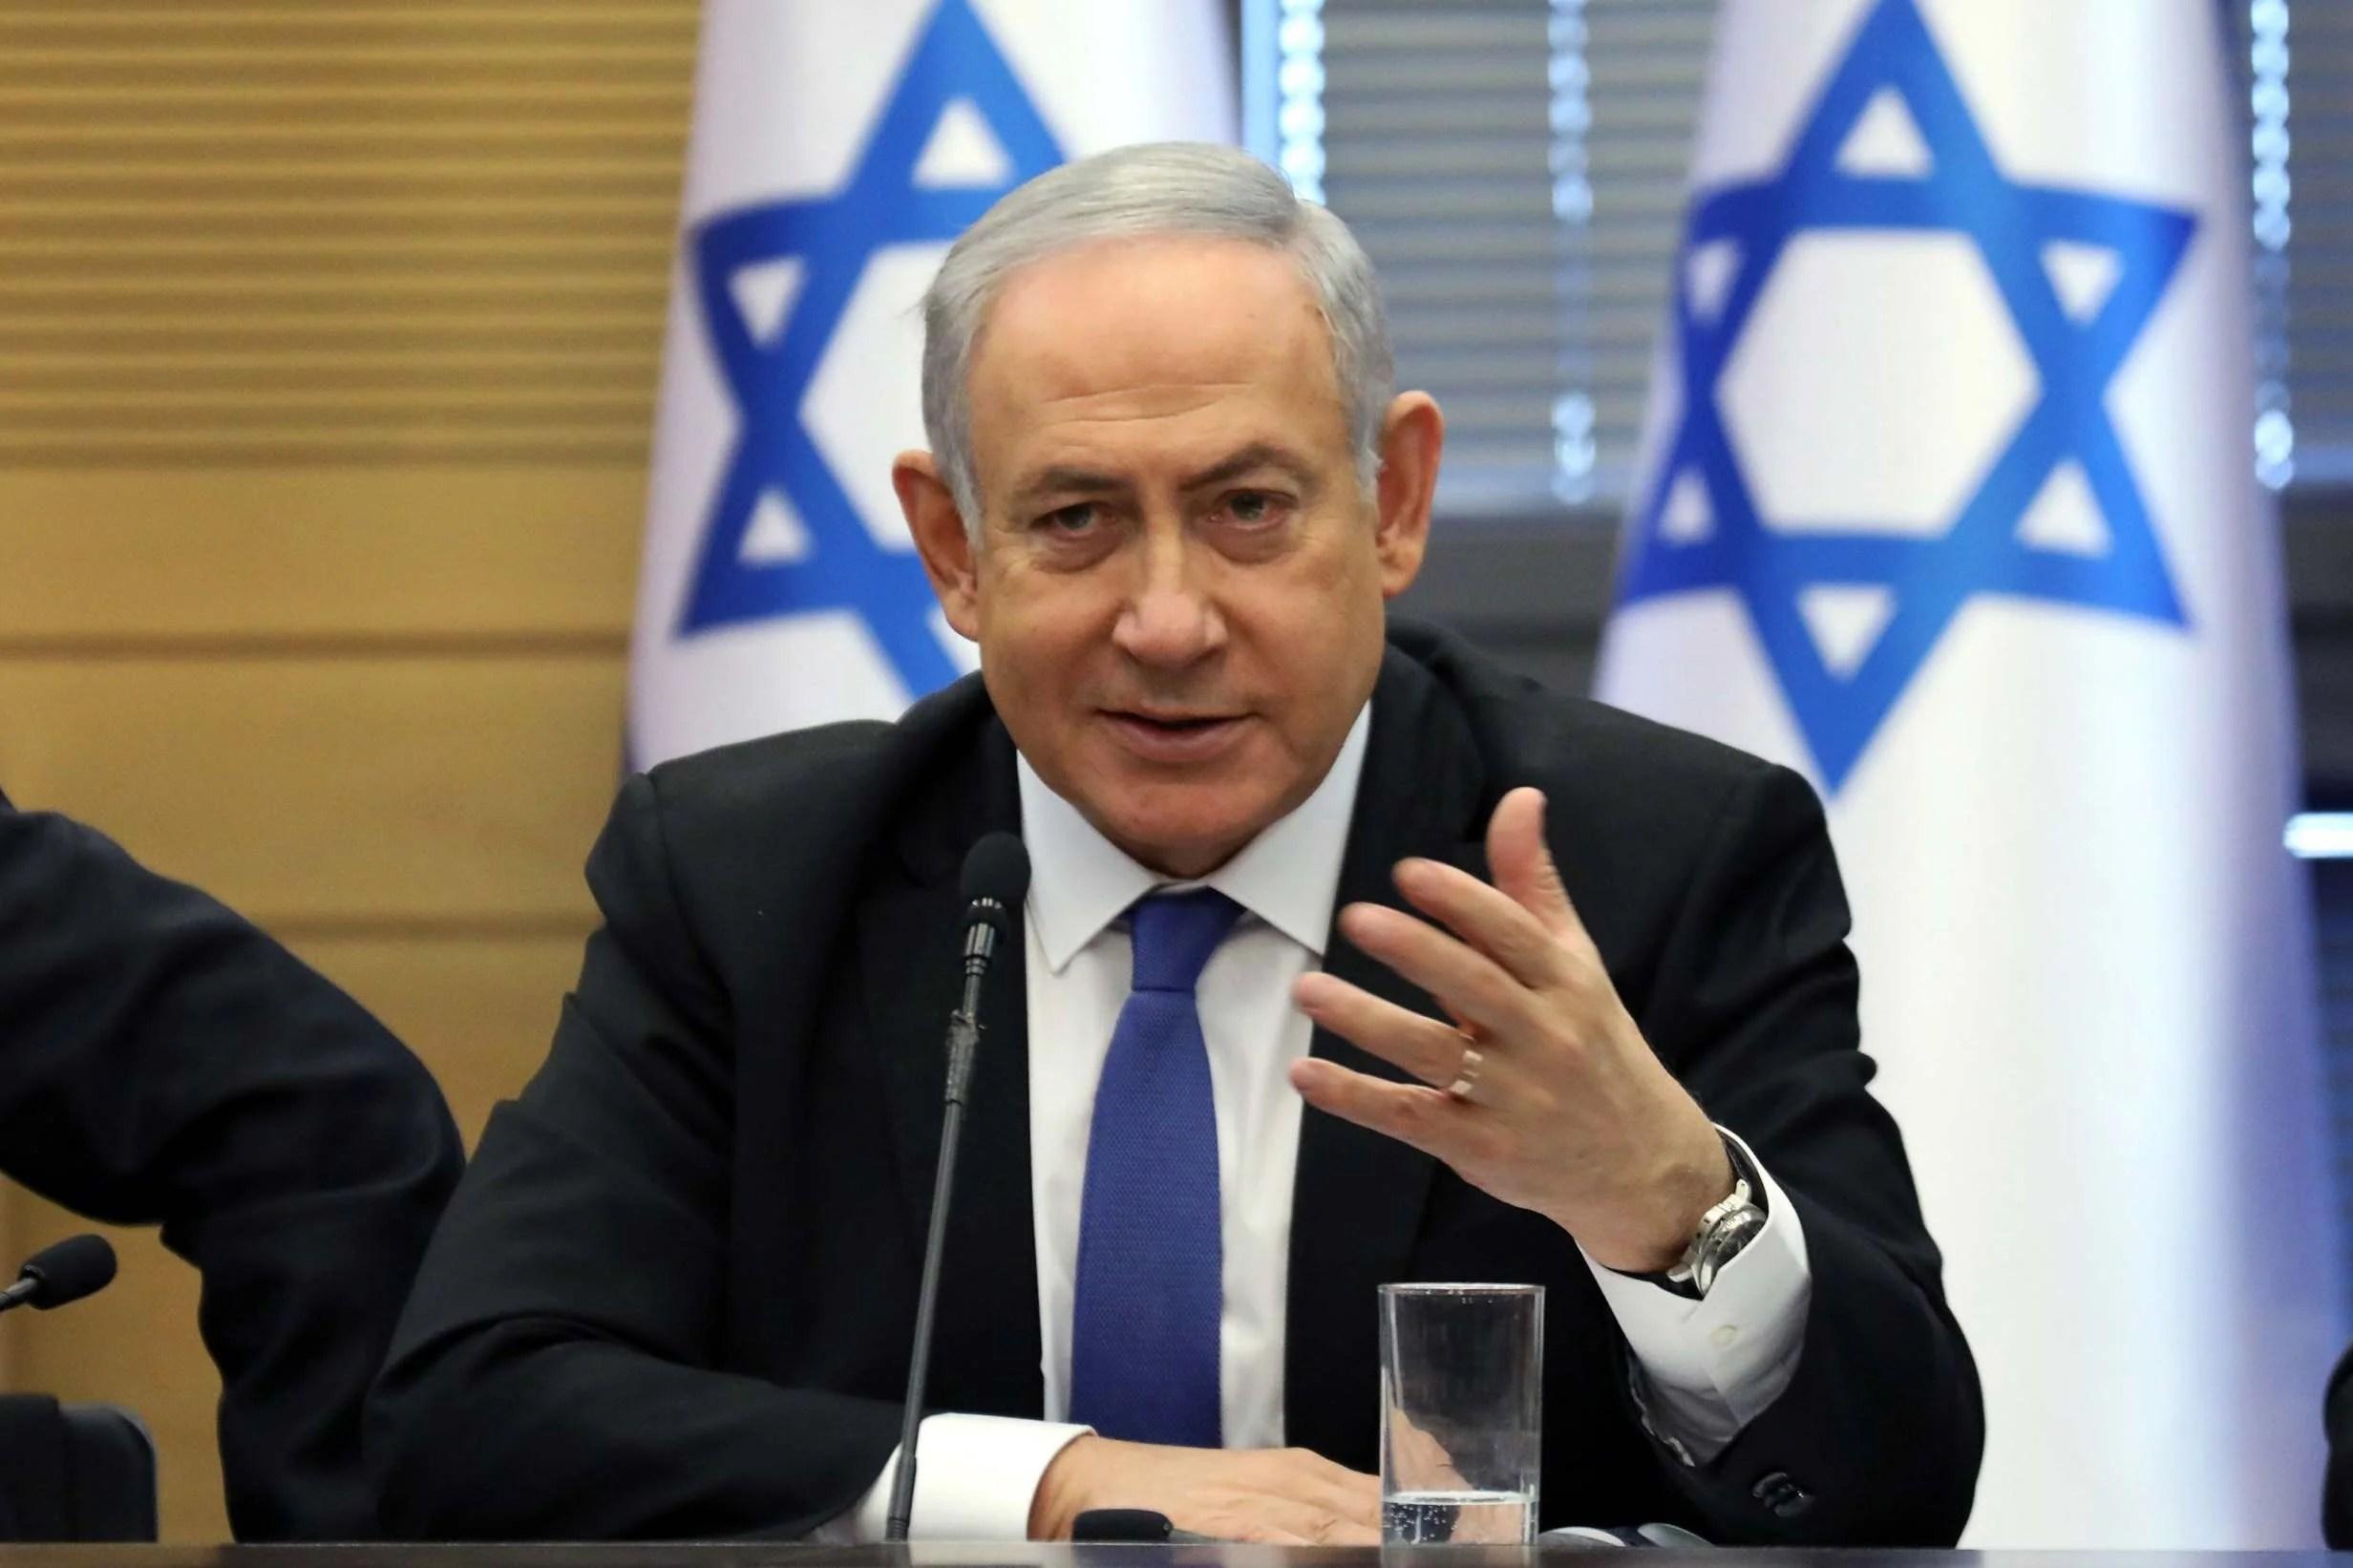 Netanyahu Wins Landslide Victory In Israeli Ruling Party's Leadership Vote